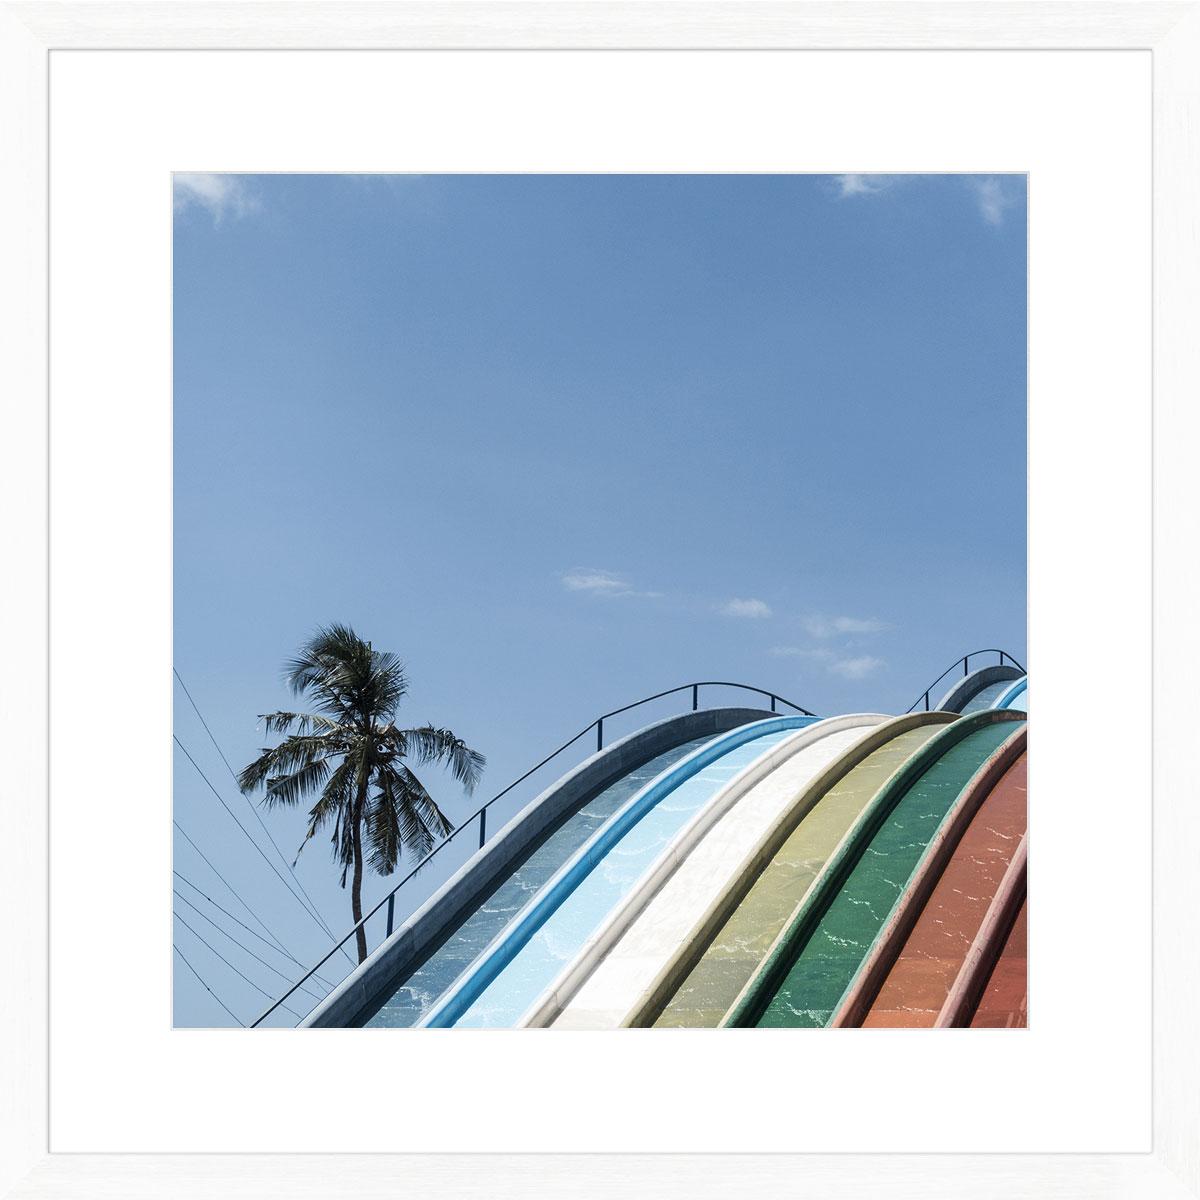 slides_photographic_print_white